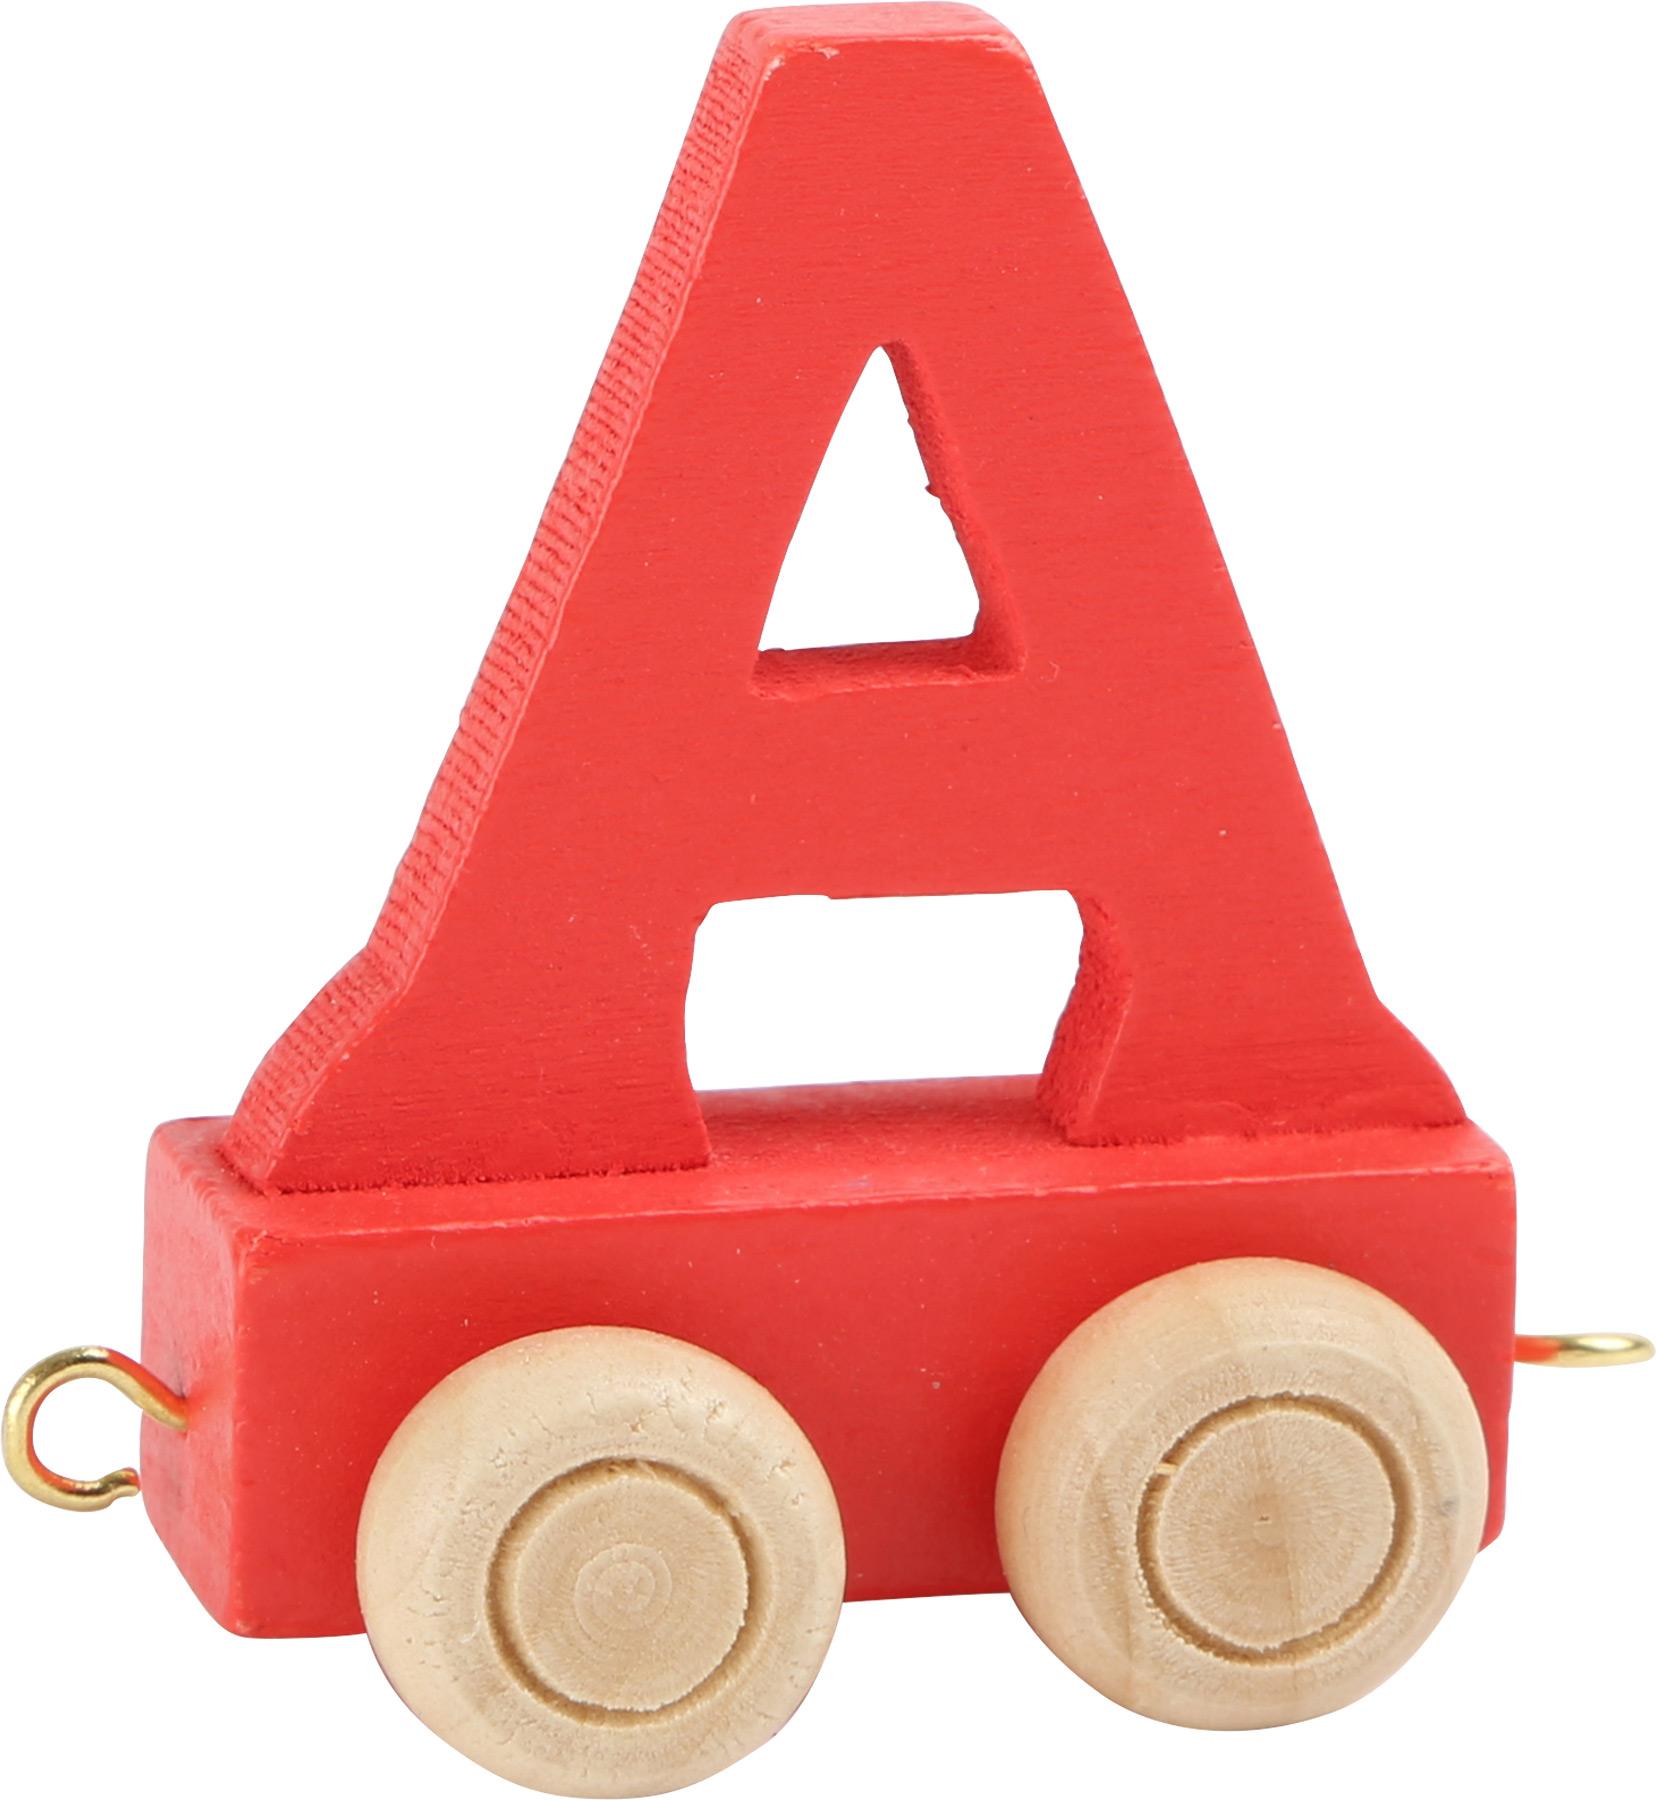 Dřevěný vláček barevná abeceda písmeno A